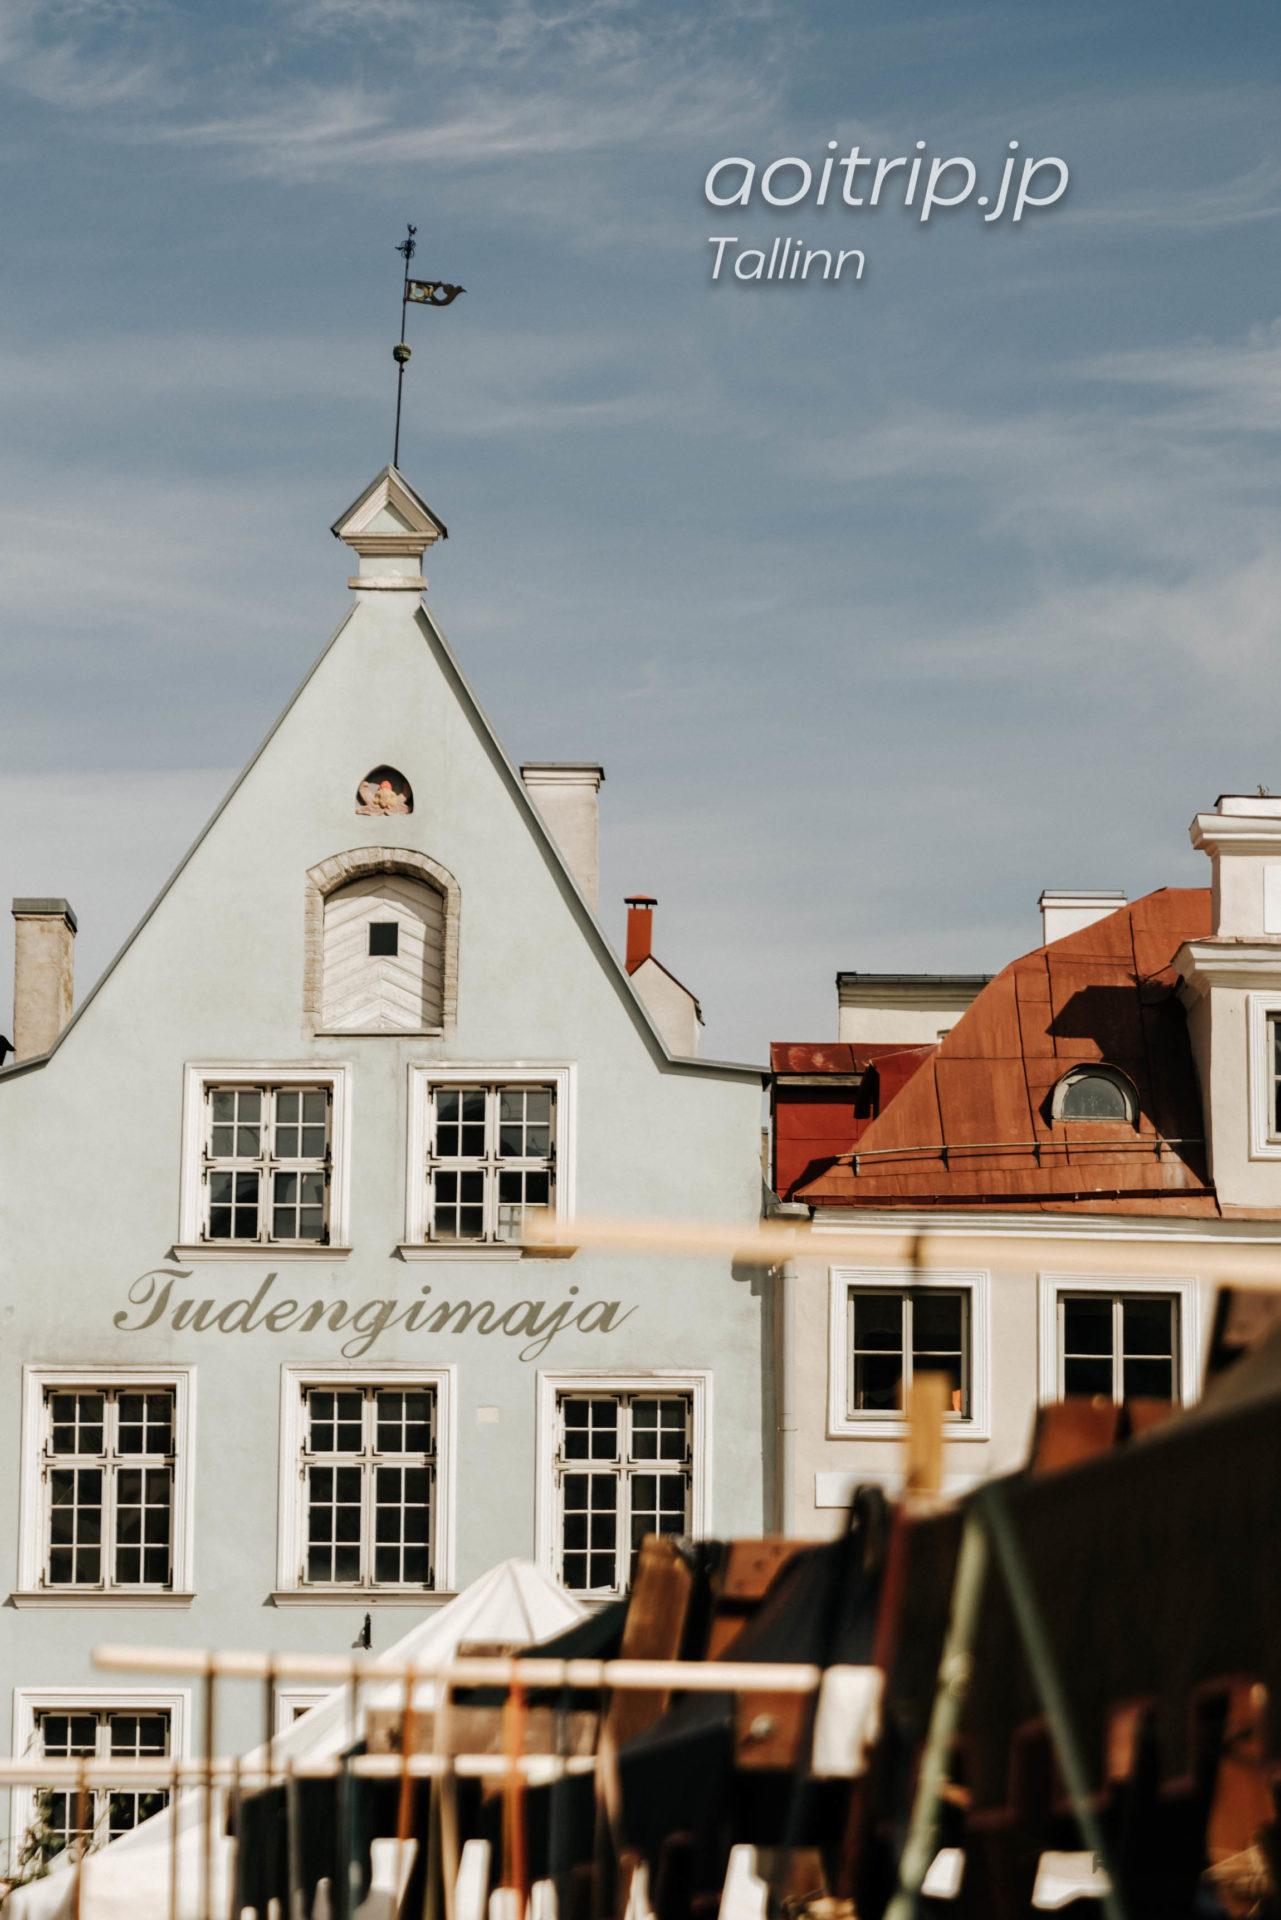 エストニア タリン ラエコヤ広場(旧市庁舎)前の週末マーケット